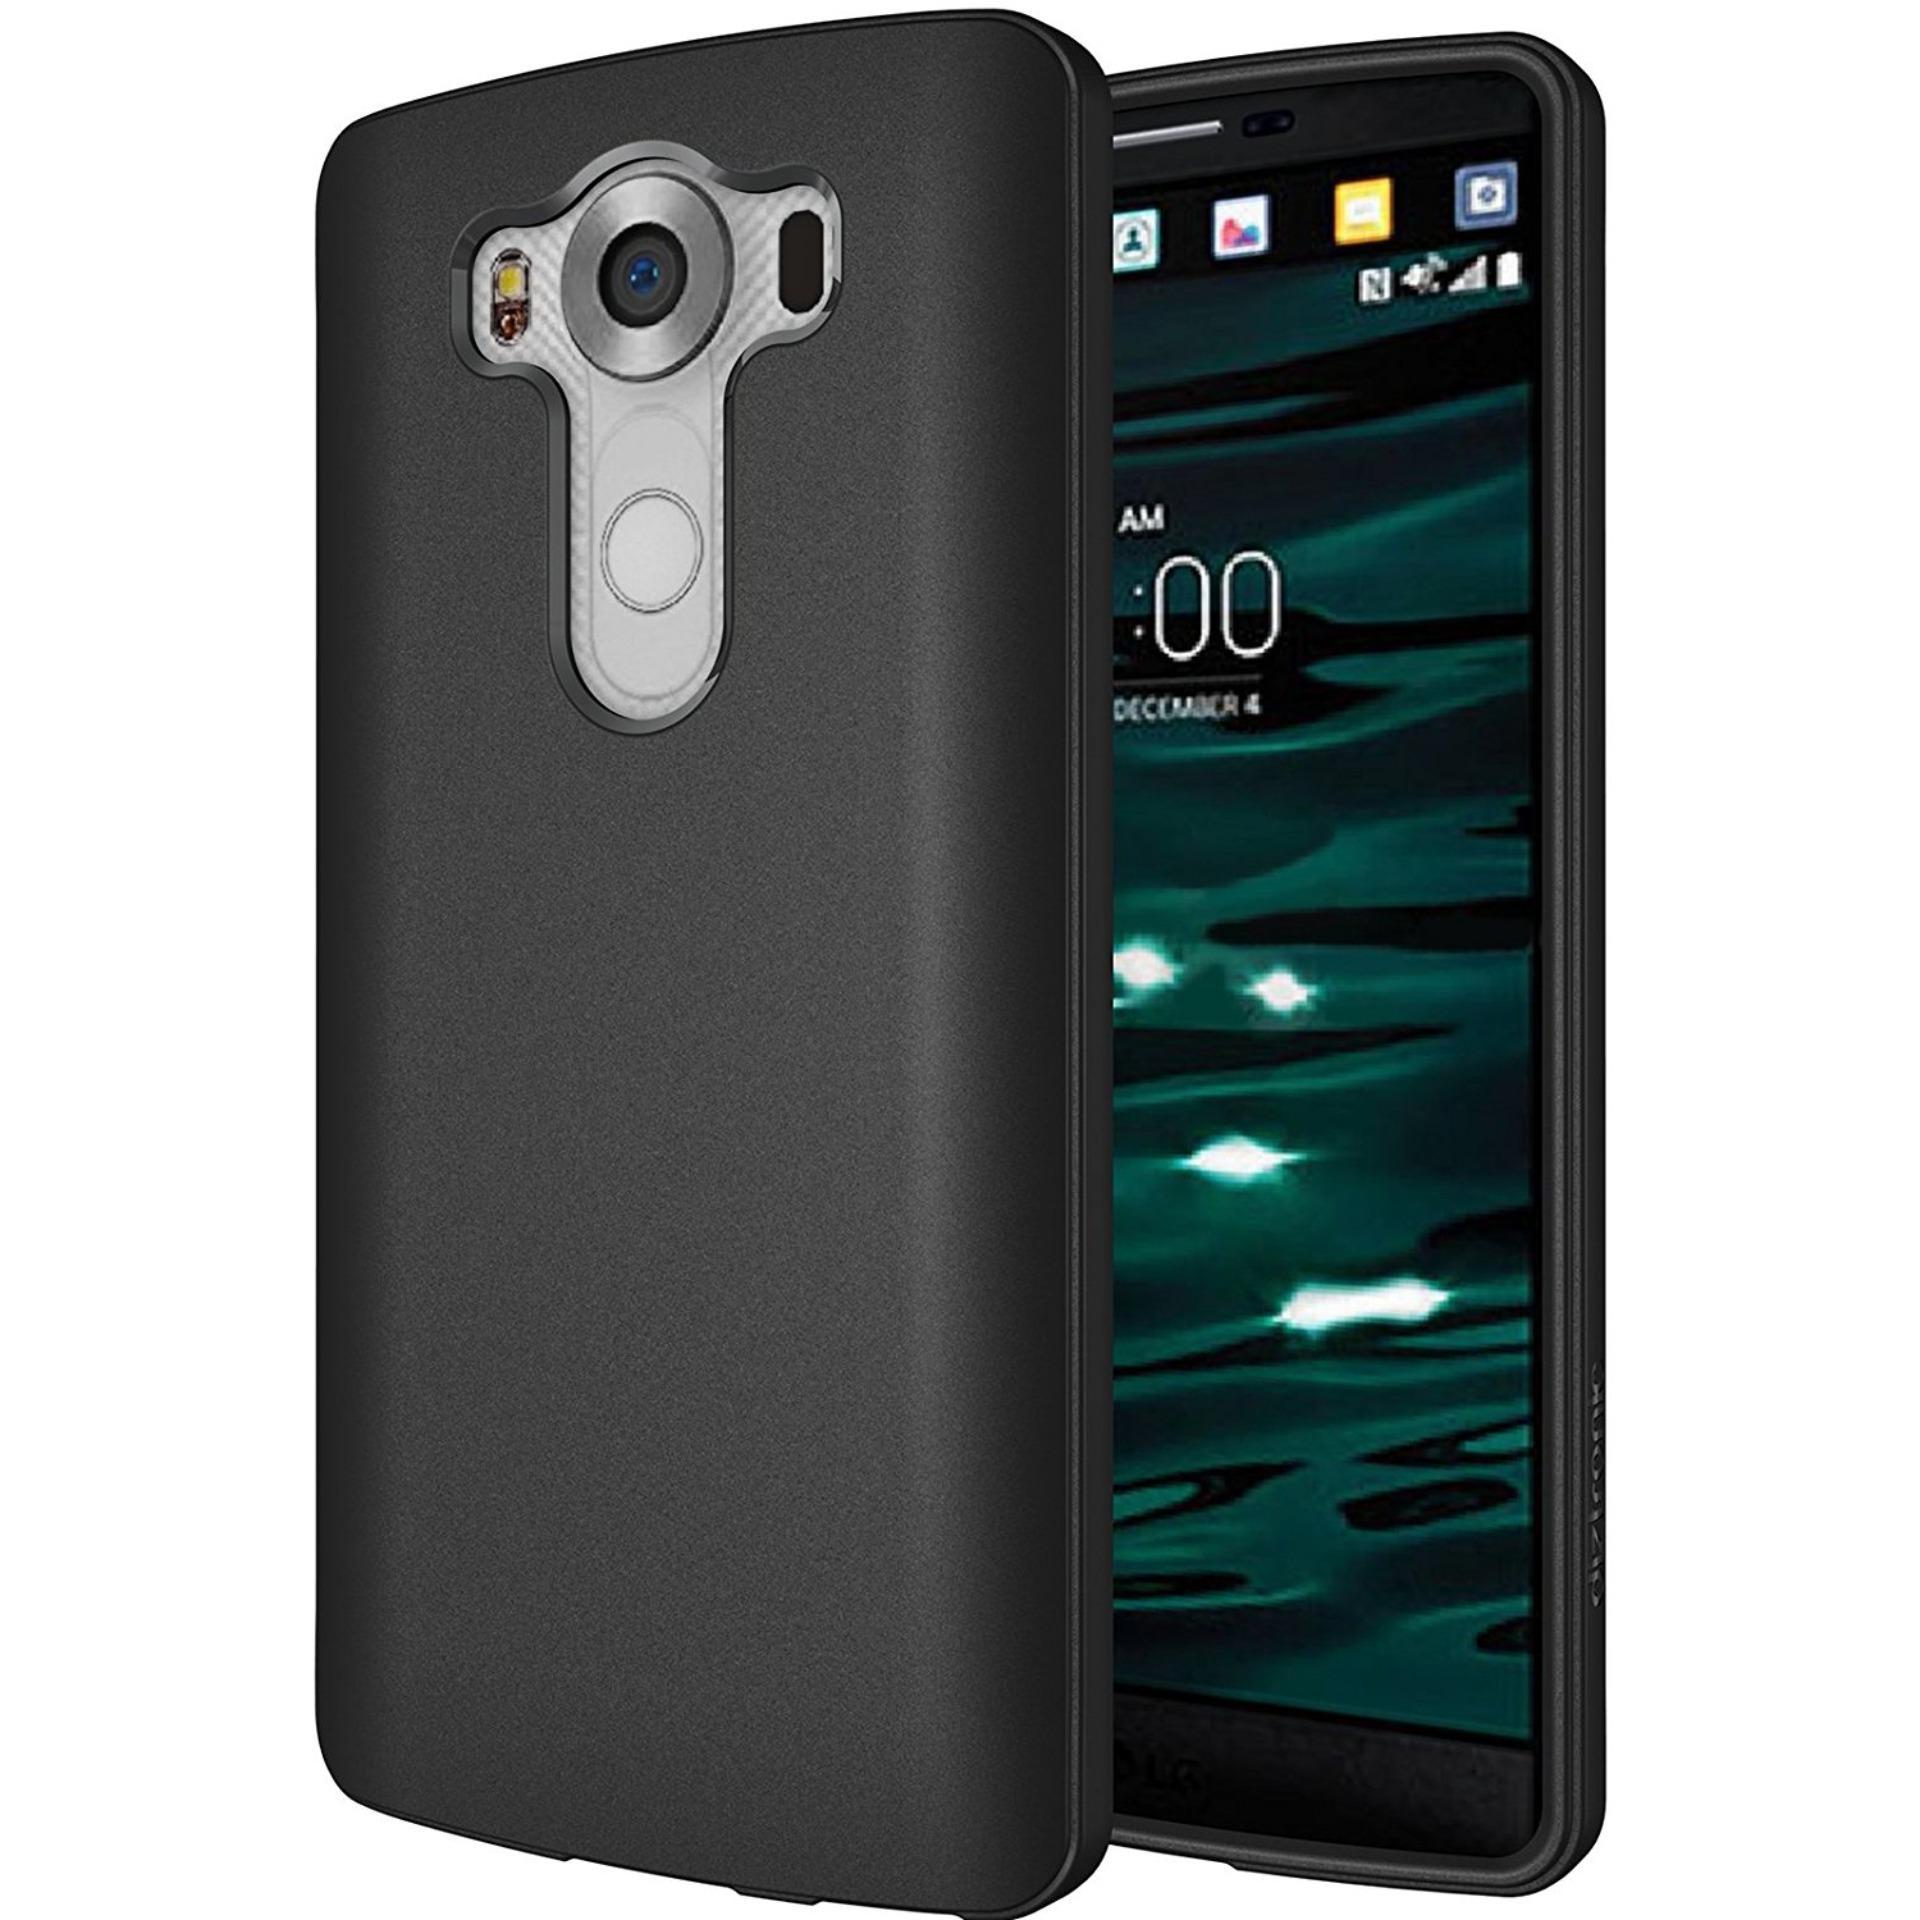 DarkNight for LG V10 (5.7